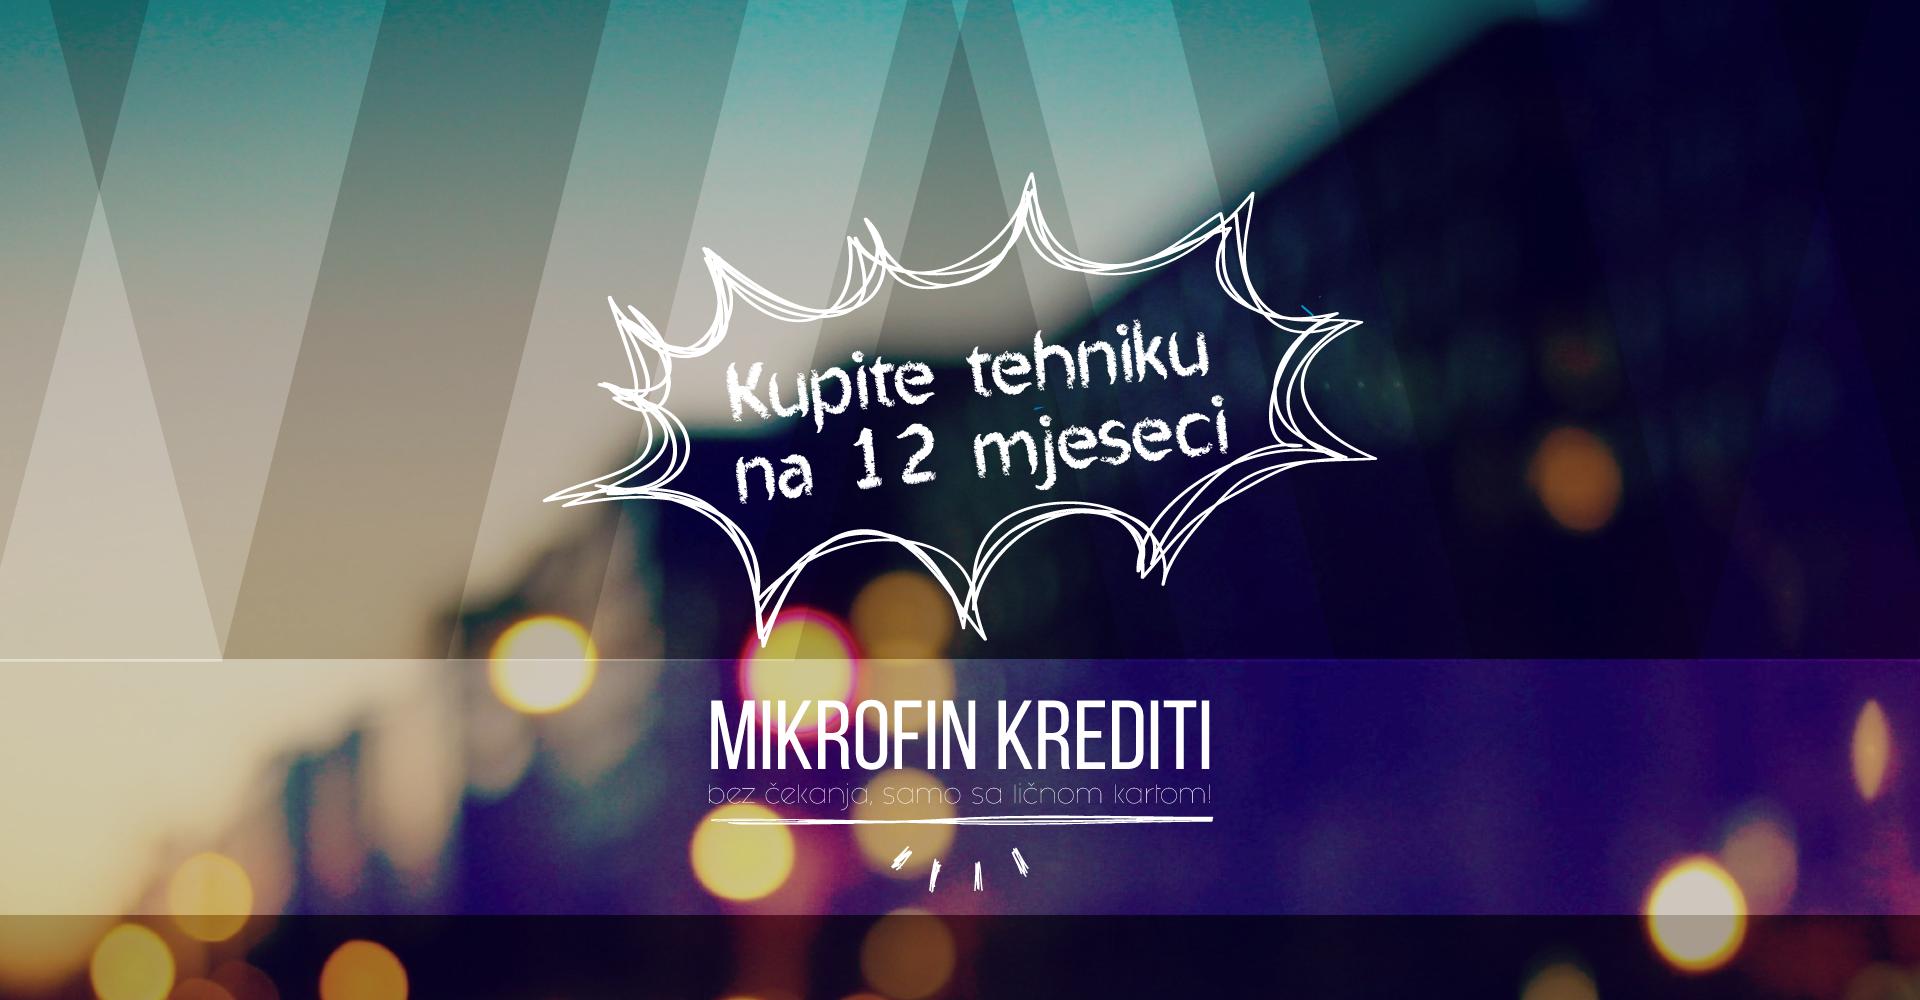 mikrofin